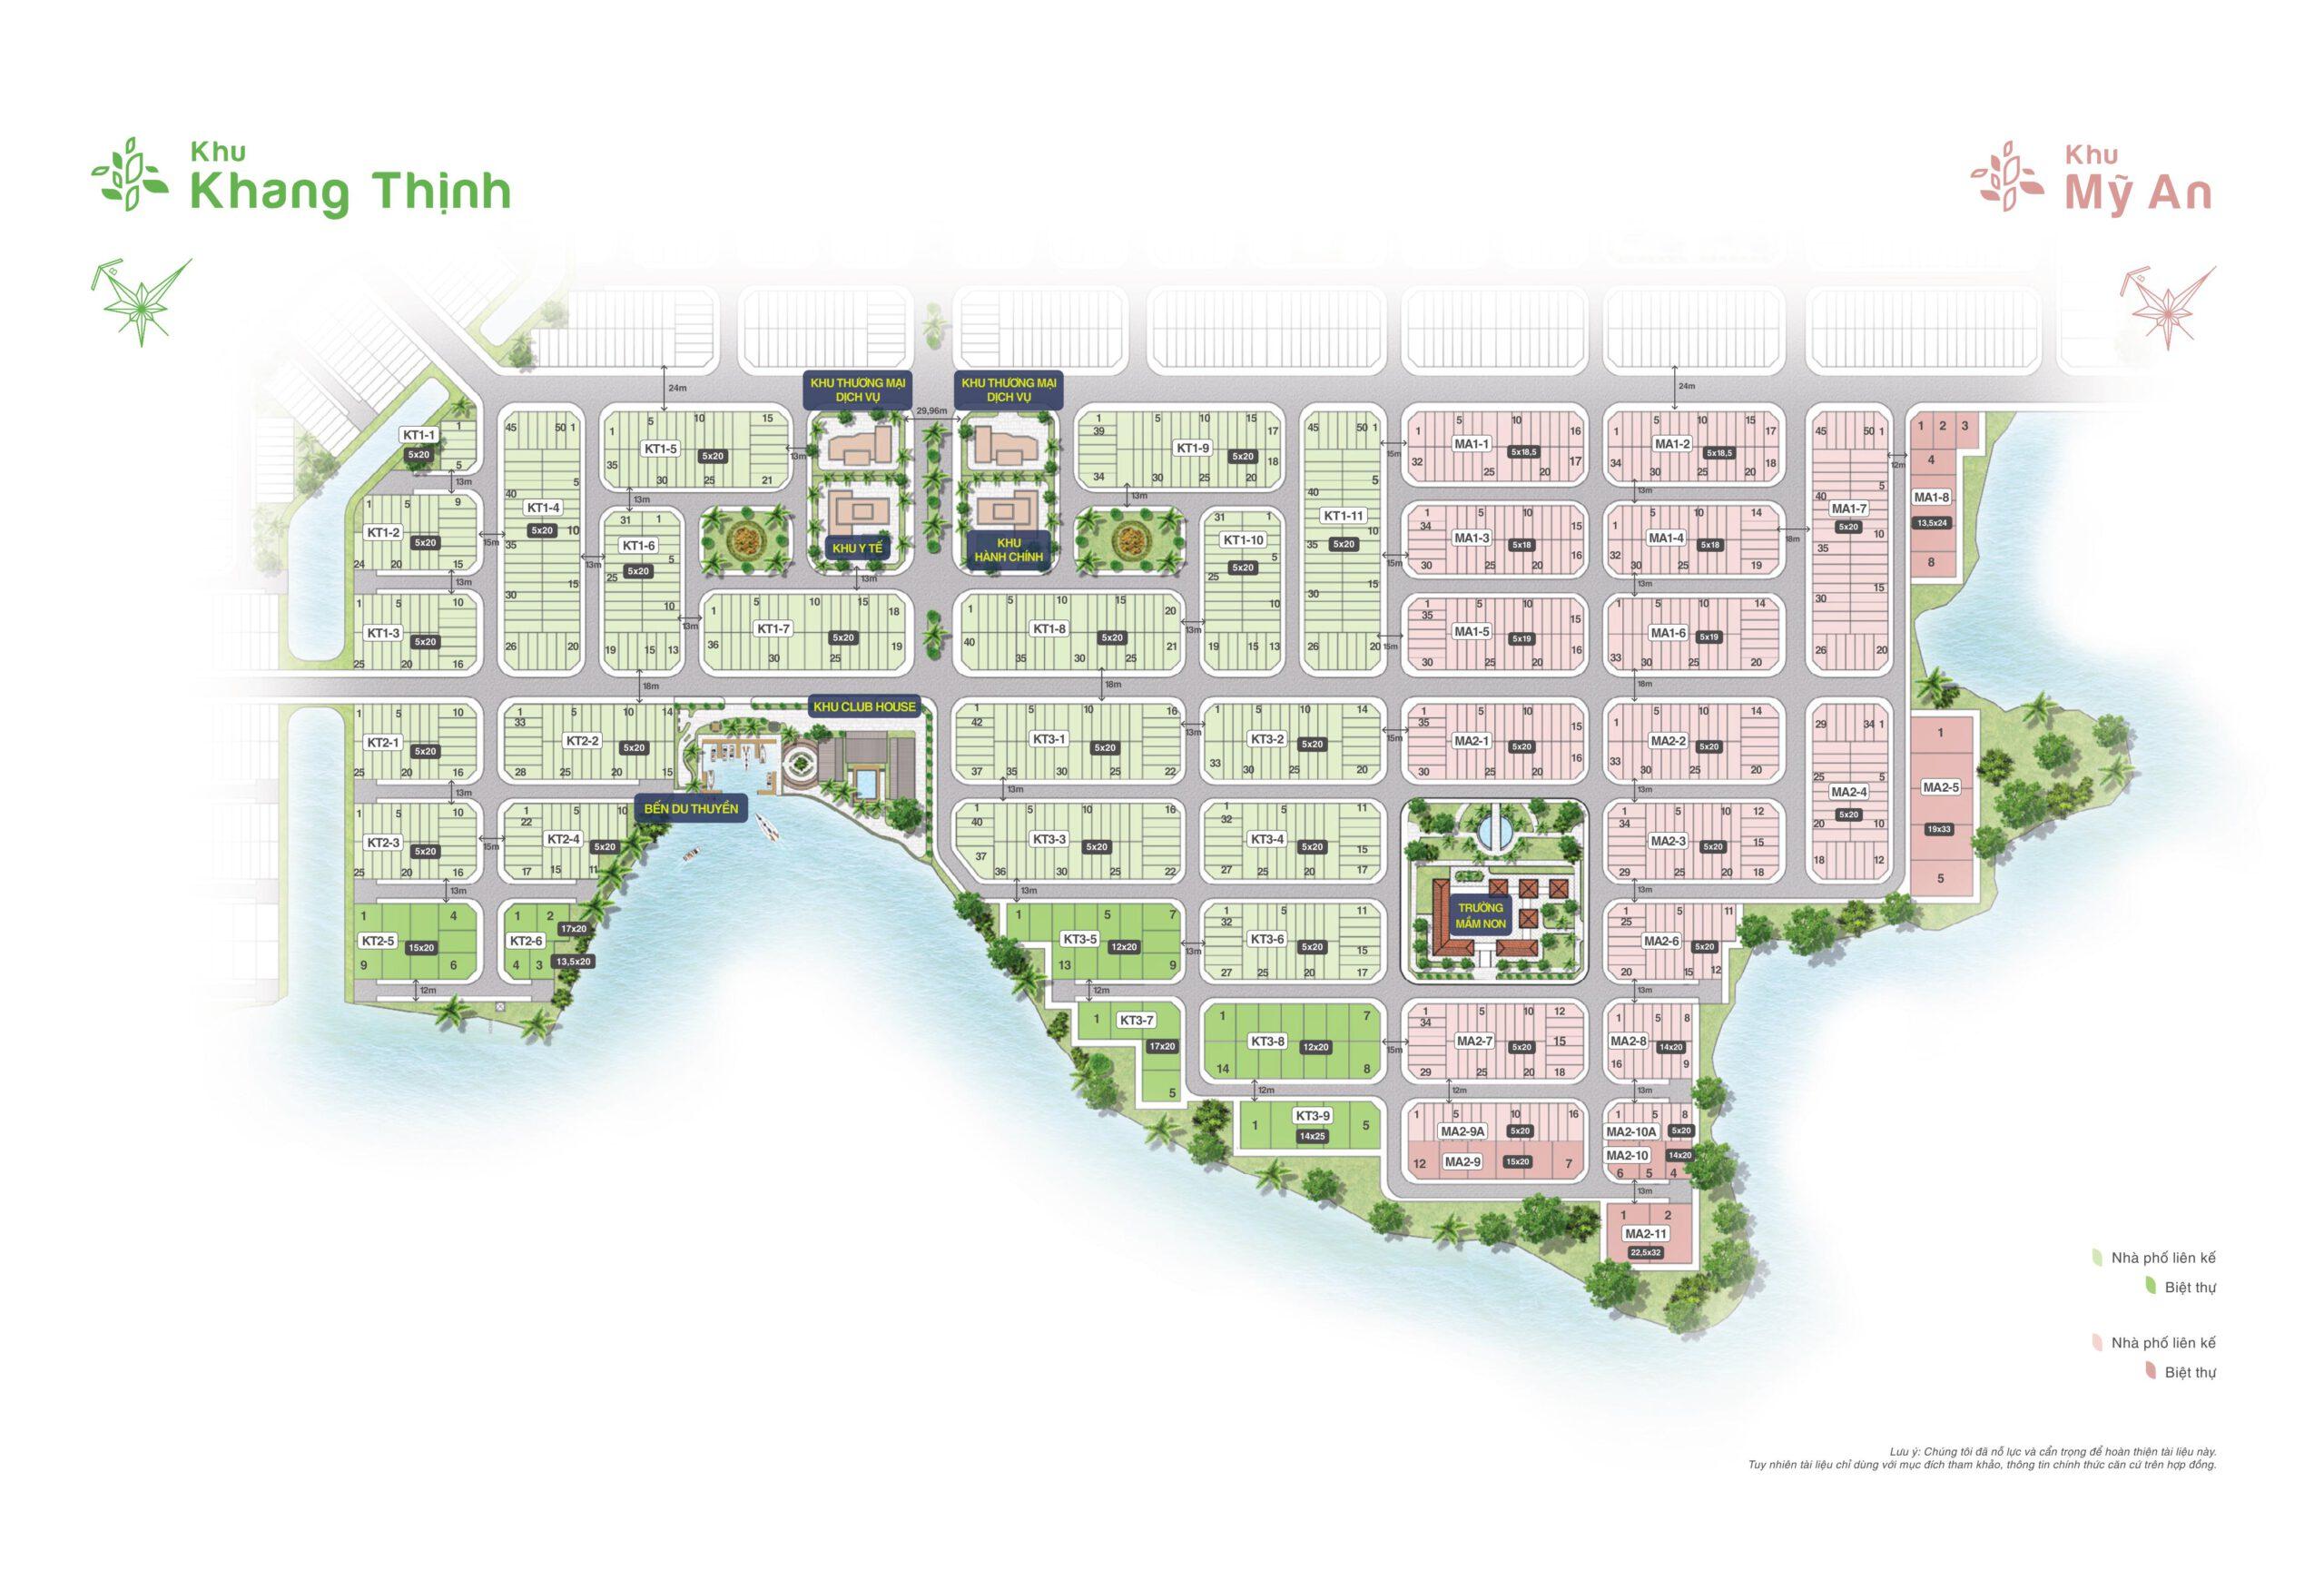 Mặt bằng khu Khang Thinh và Mỹ An Bien Hoa New City